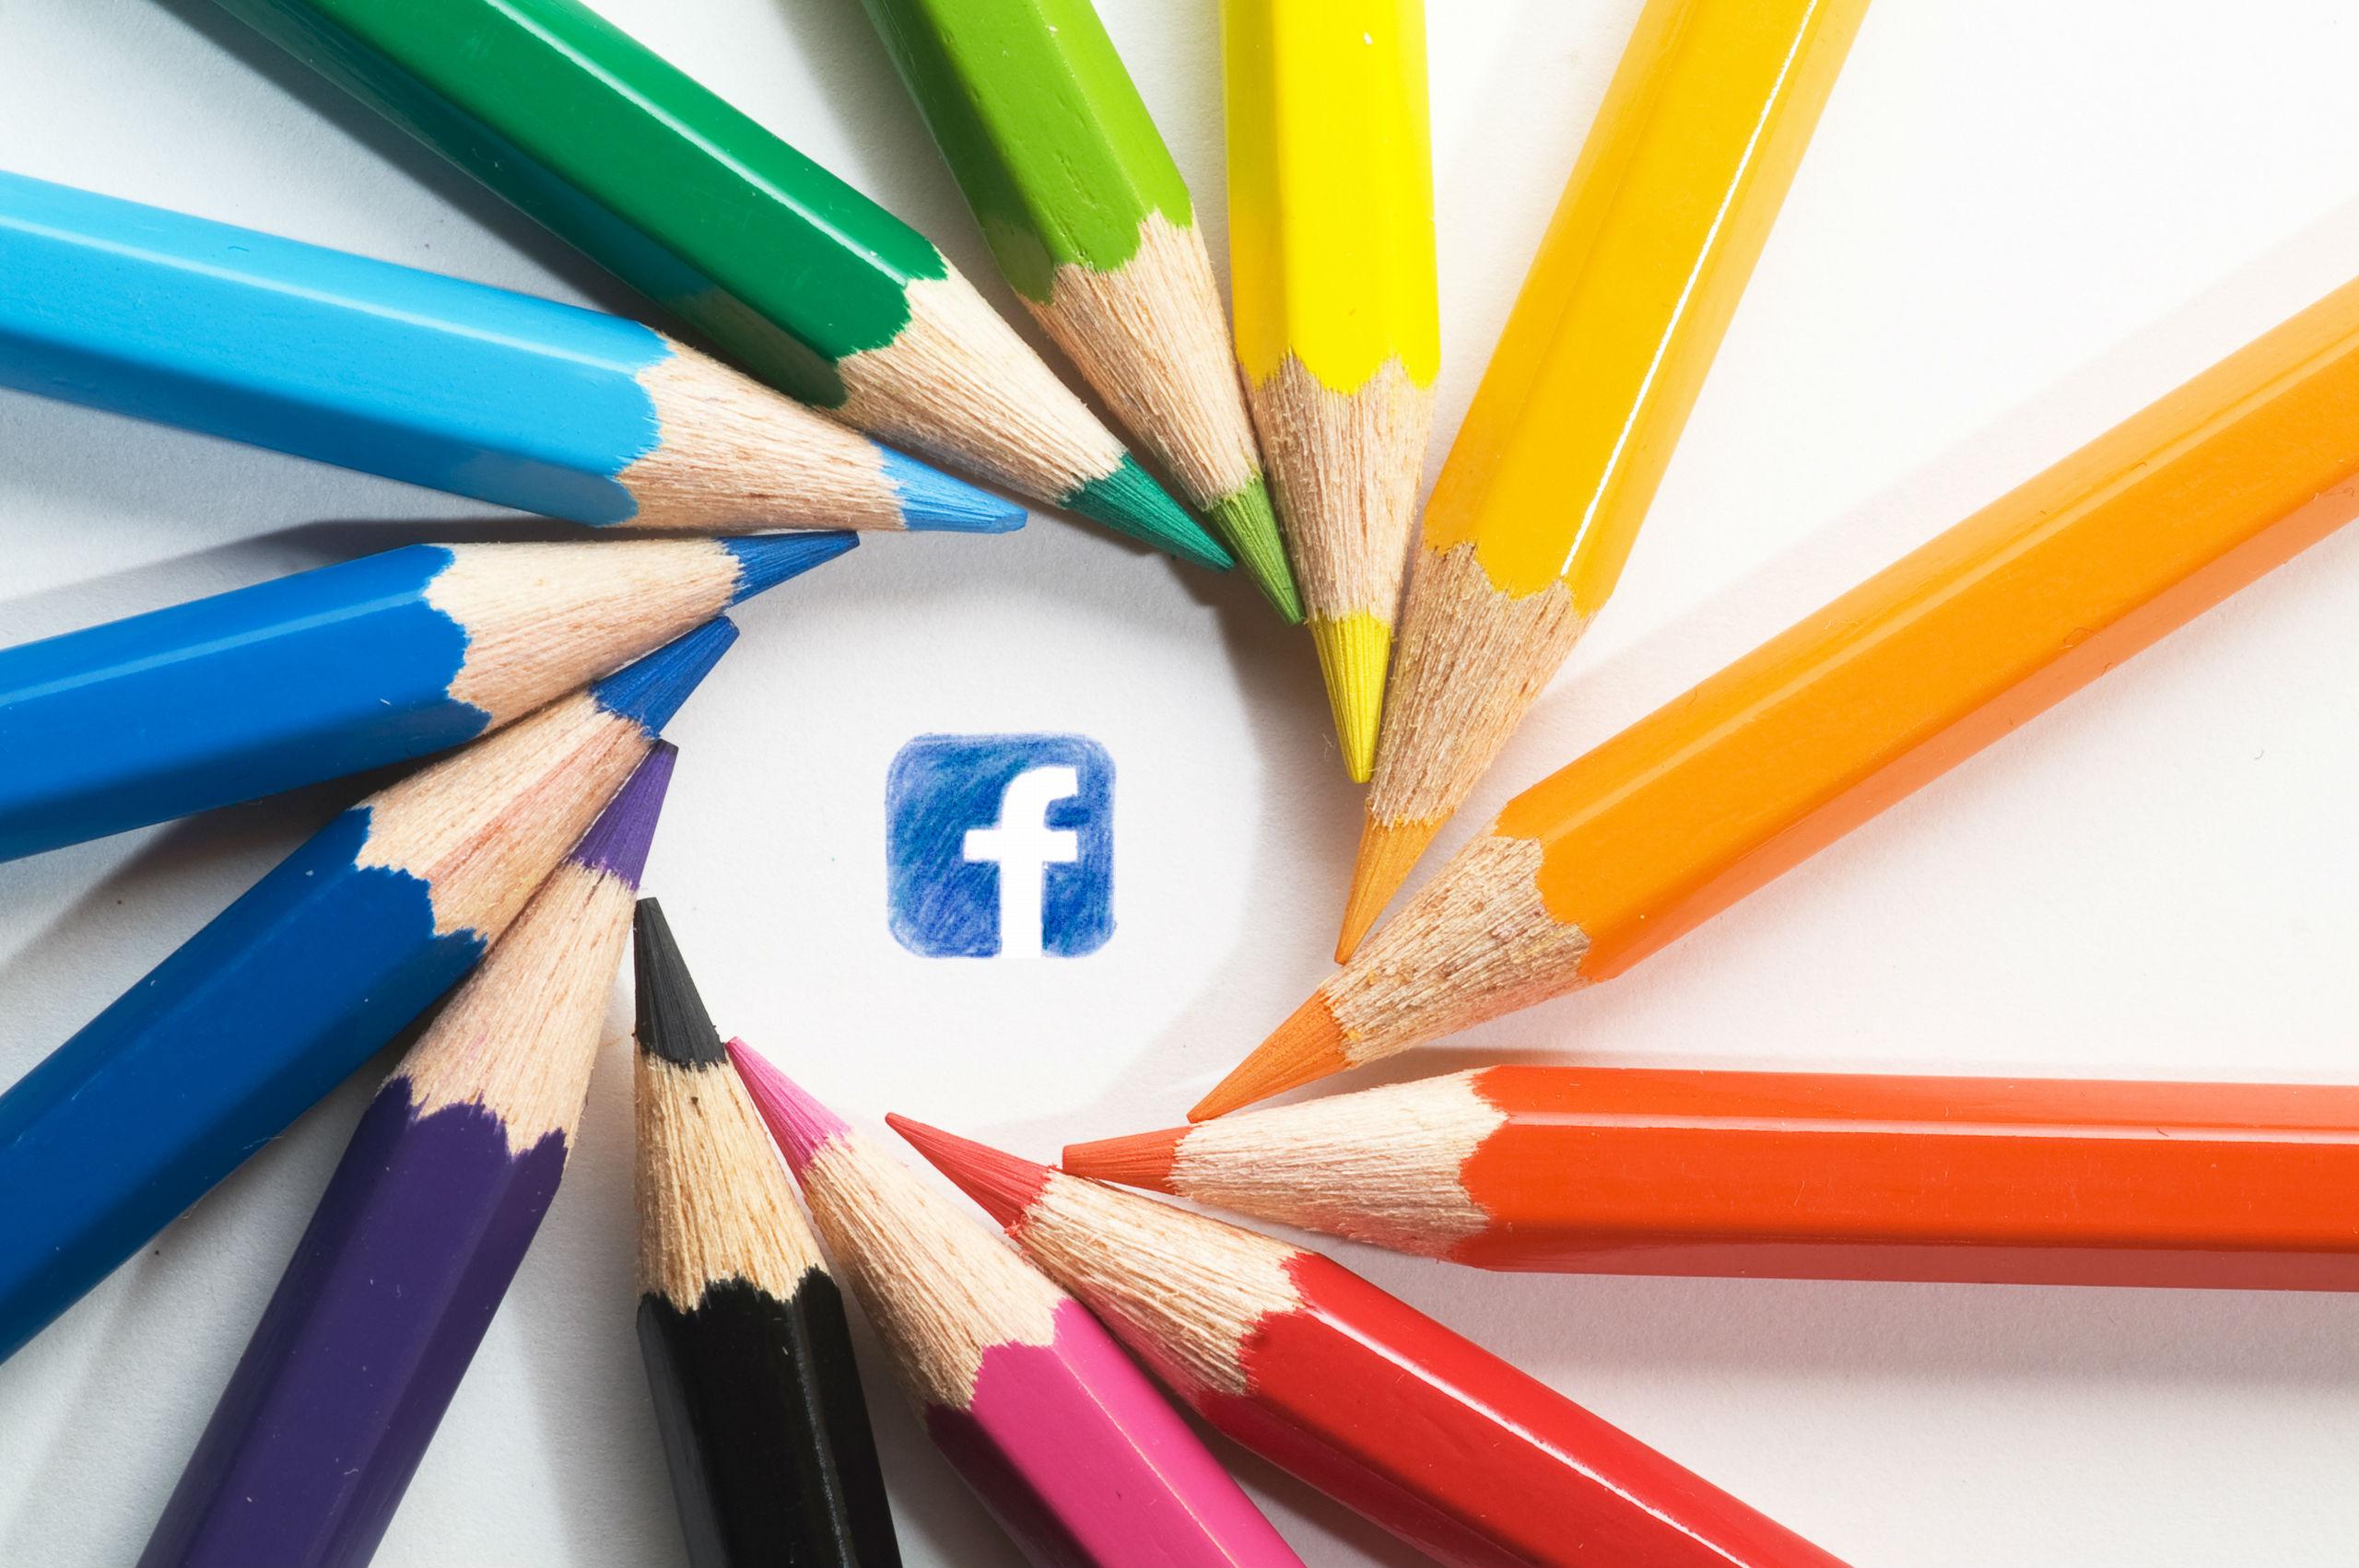 Обложка Фейсбука как переплет книги